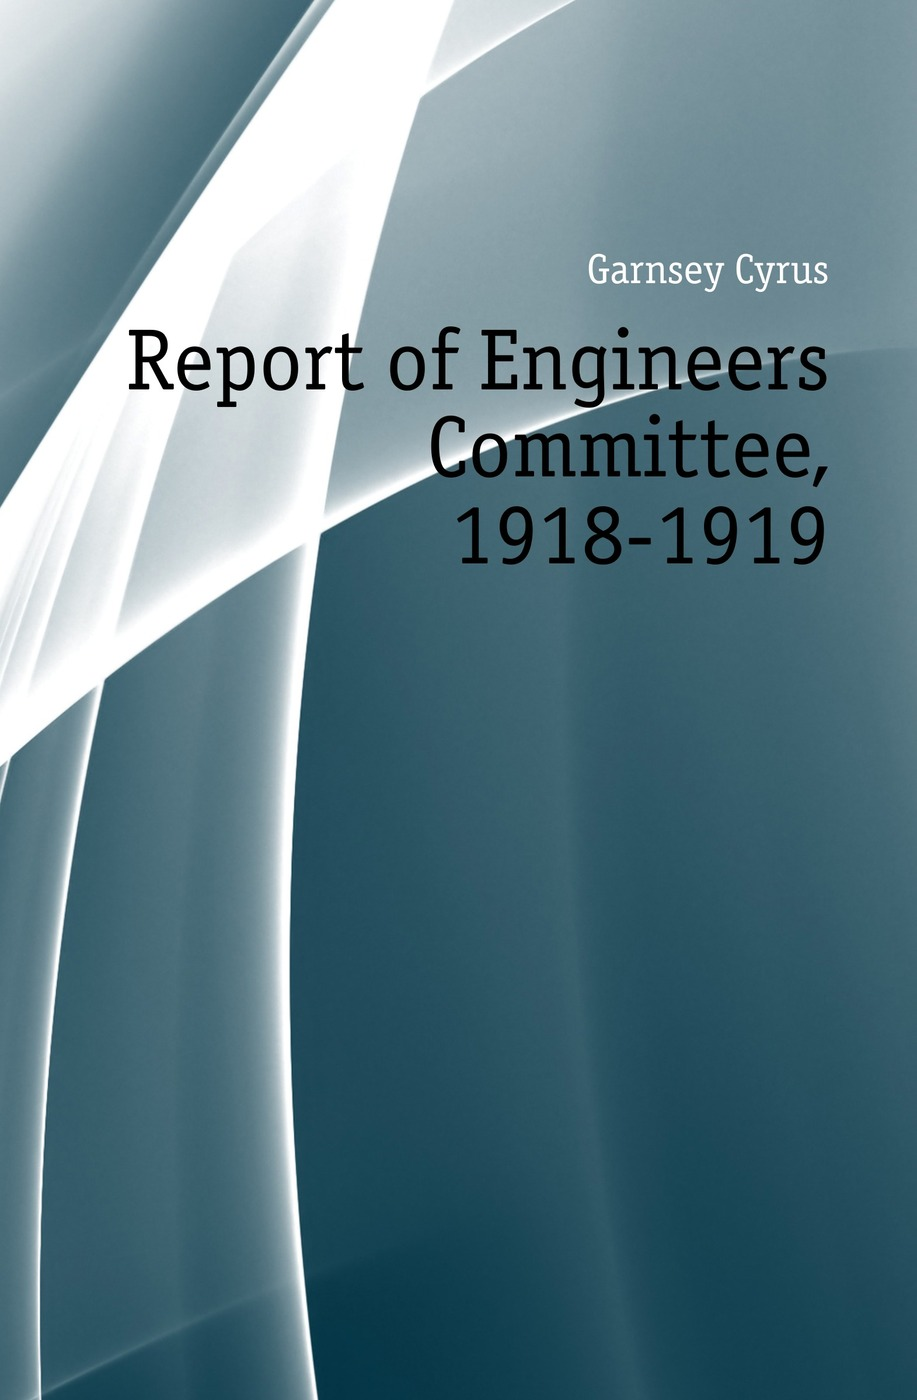 Garnsey Cyrus Report of Engineers Committee, 1918-1919